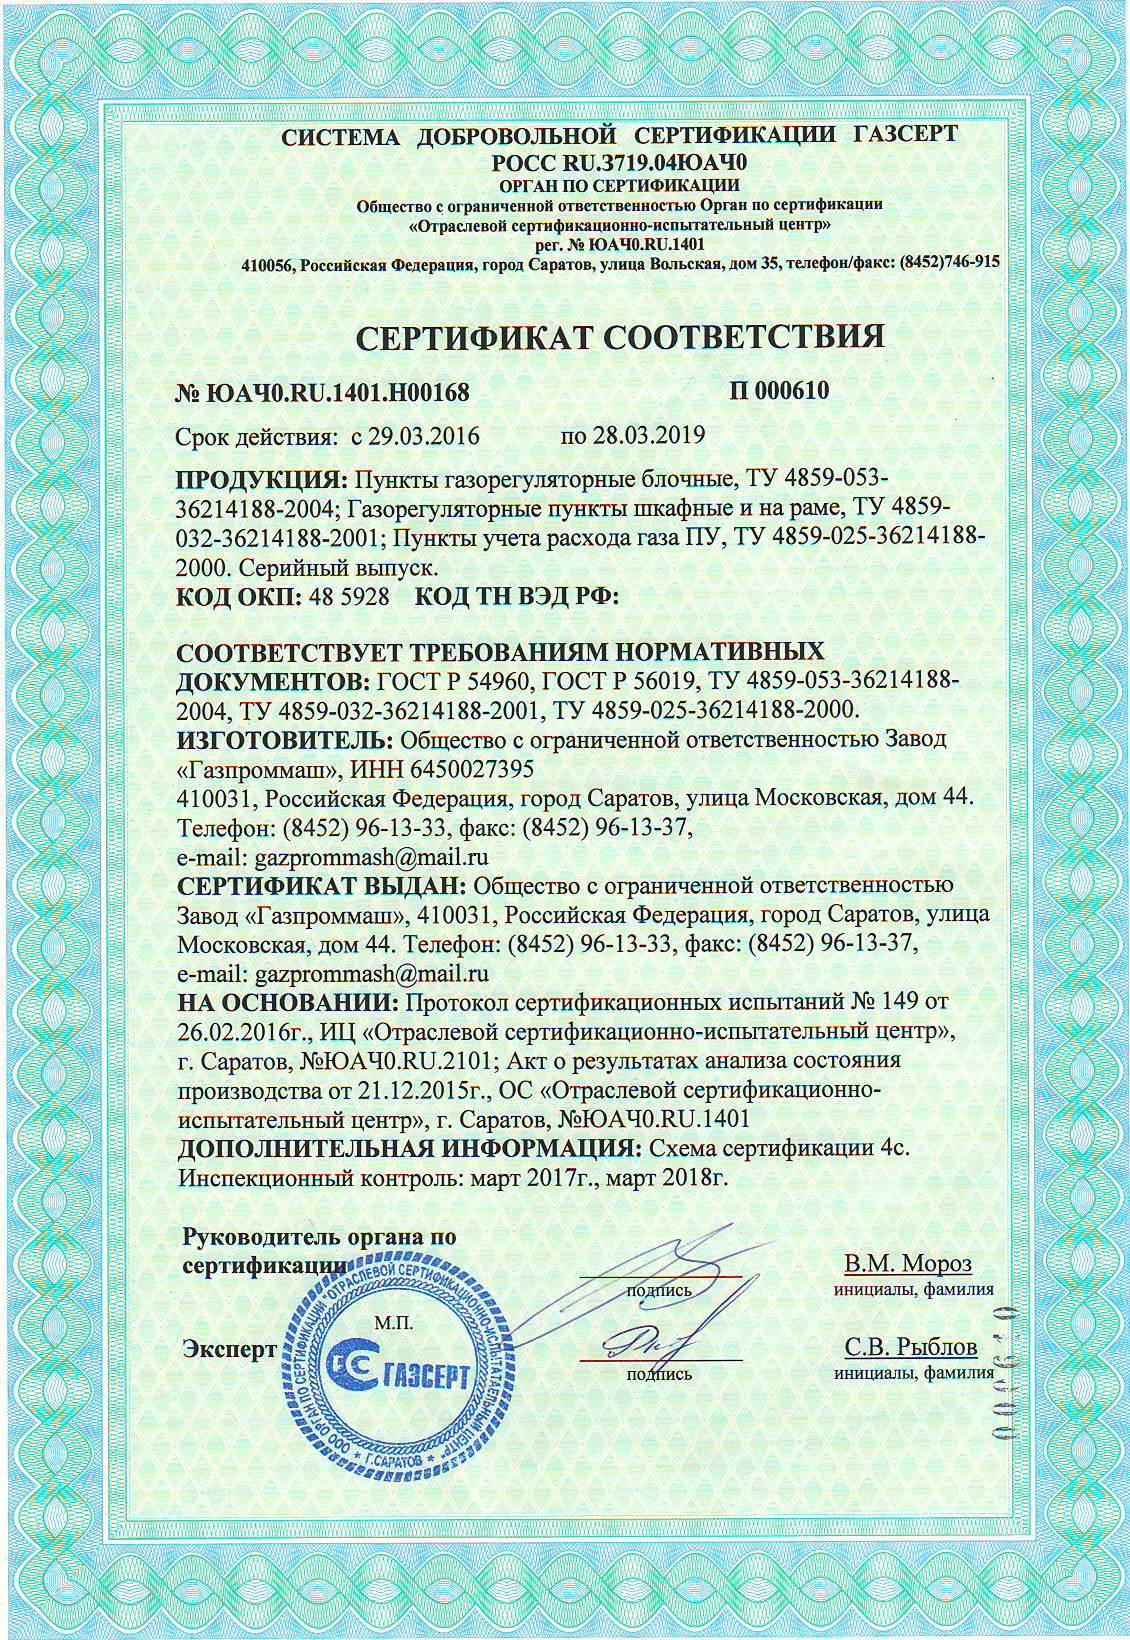 сертификат соответствия на грпш 07-2у1